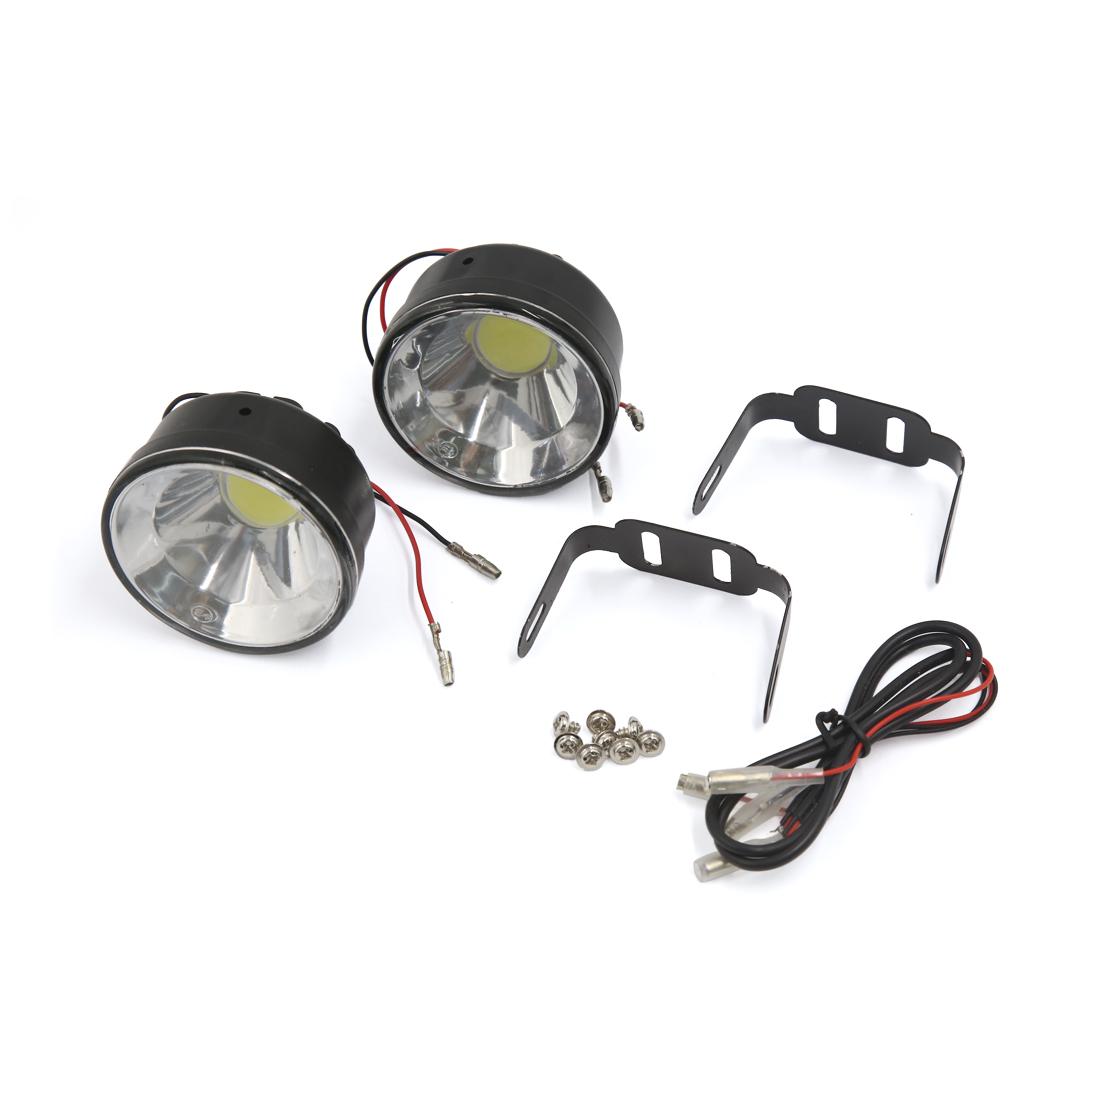 2pcs Round LED Daytime Running Light DRL Car Fog Lamp White